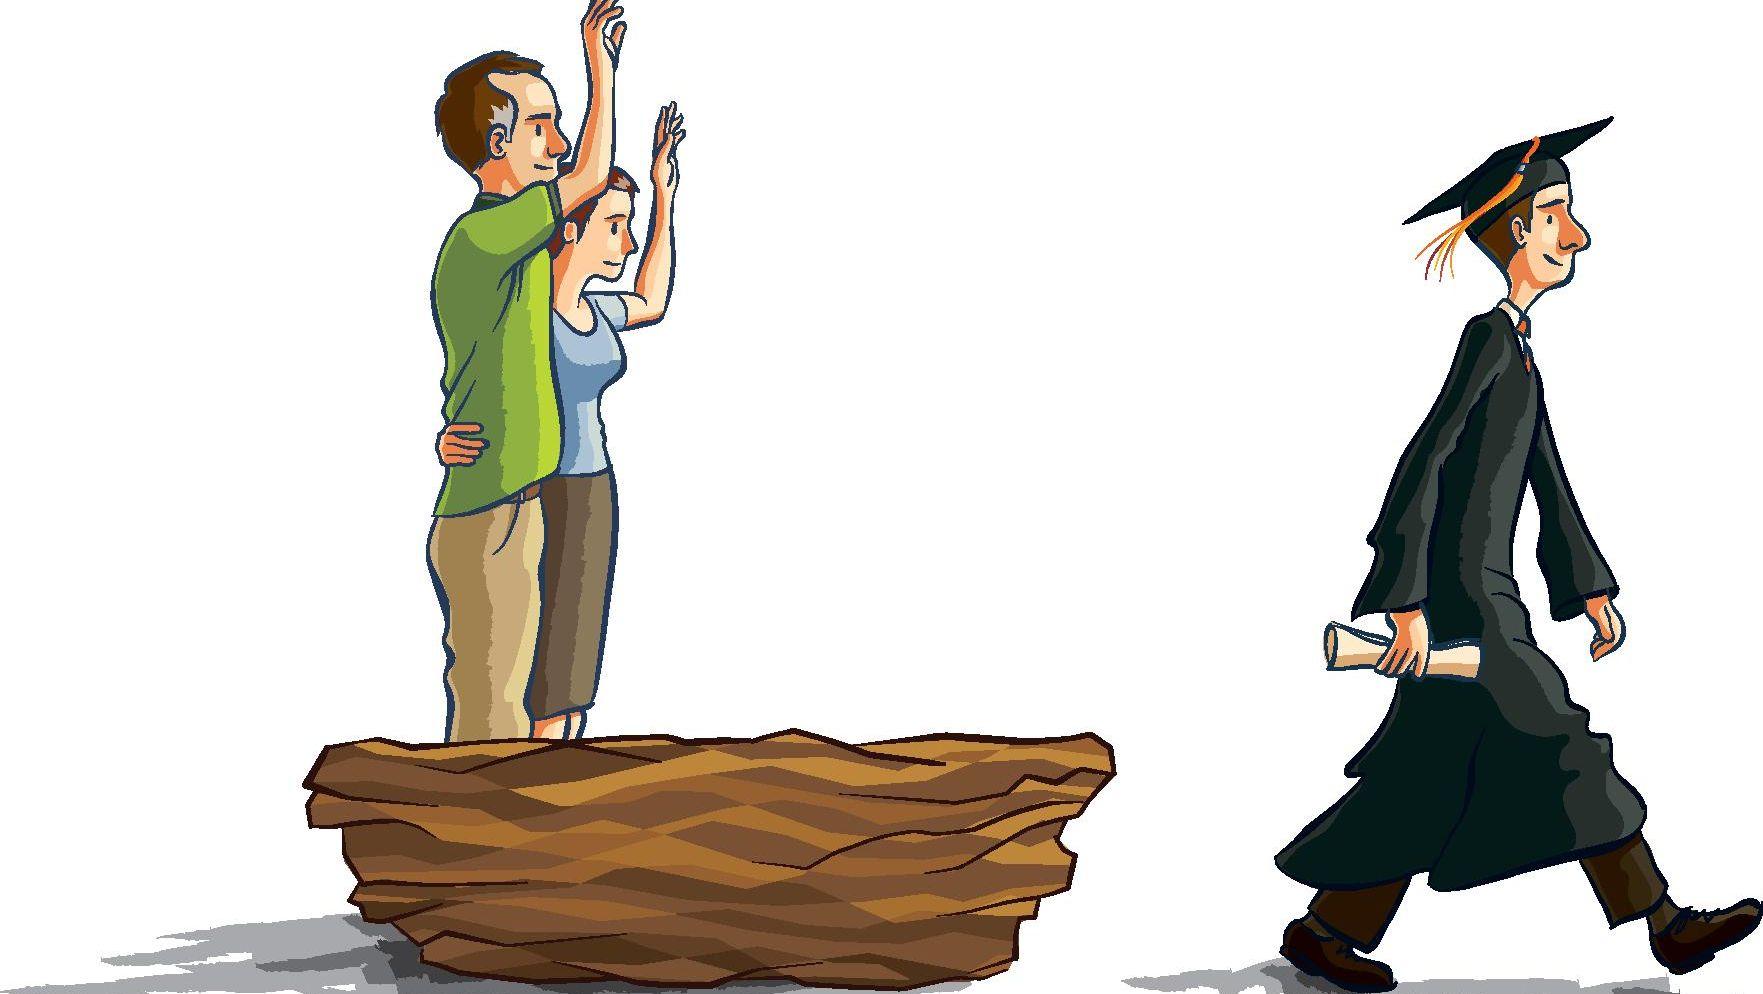 ما هي متلازمة العش الخالي - فترة انتقالية في الحياة تزخر بمشاعر الوحدة والفقد - شعور الوحدة الذي يصاحب الأهل عند مغادرة أبنائهم المنزل